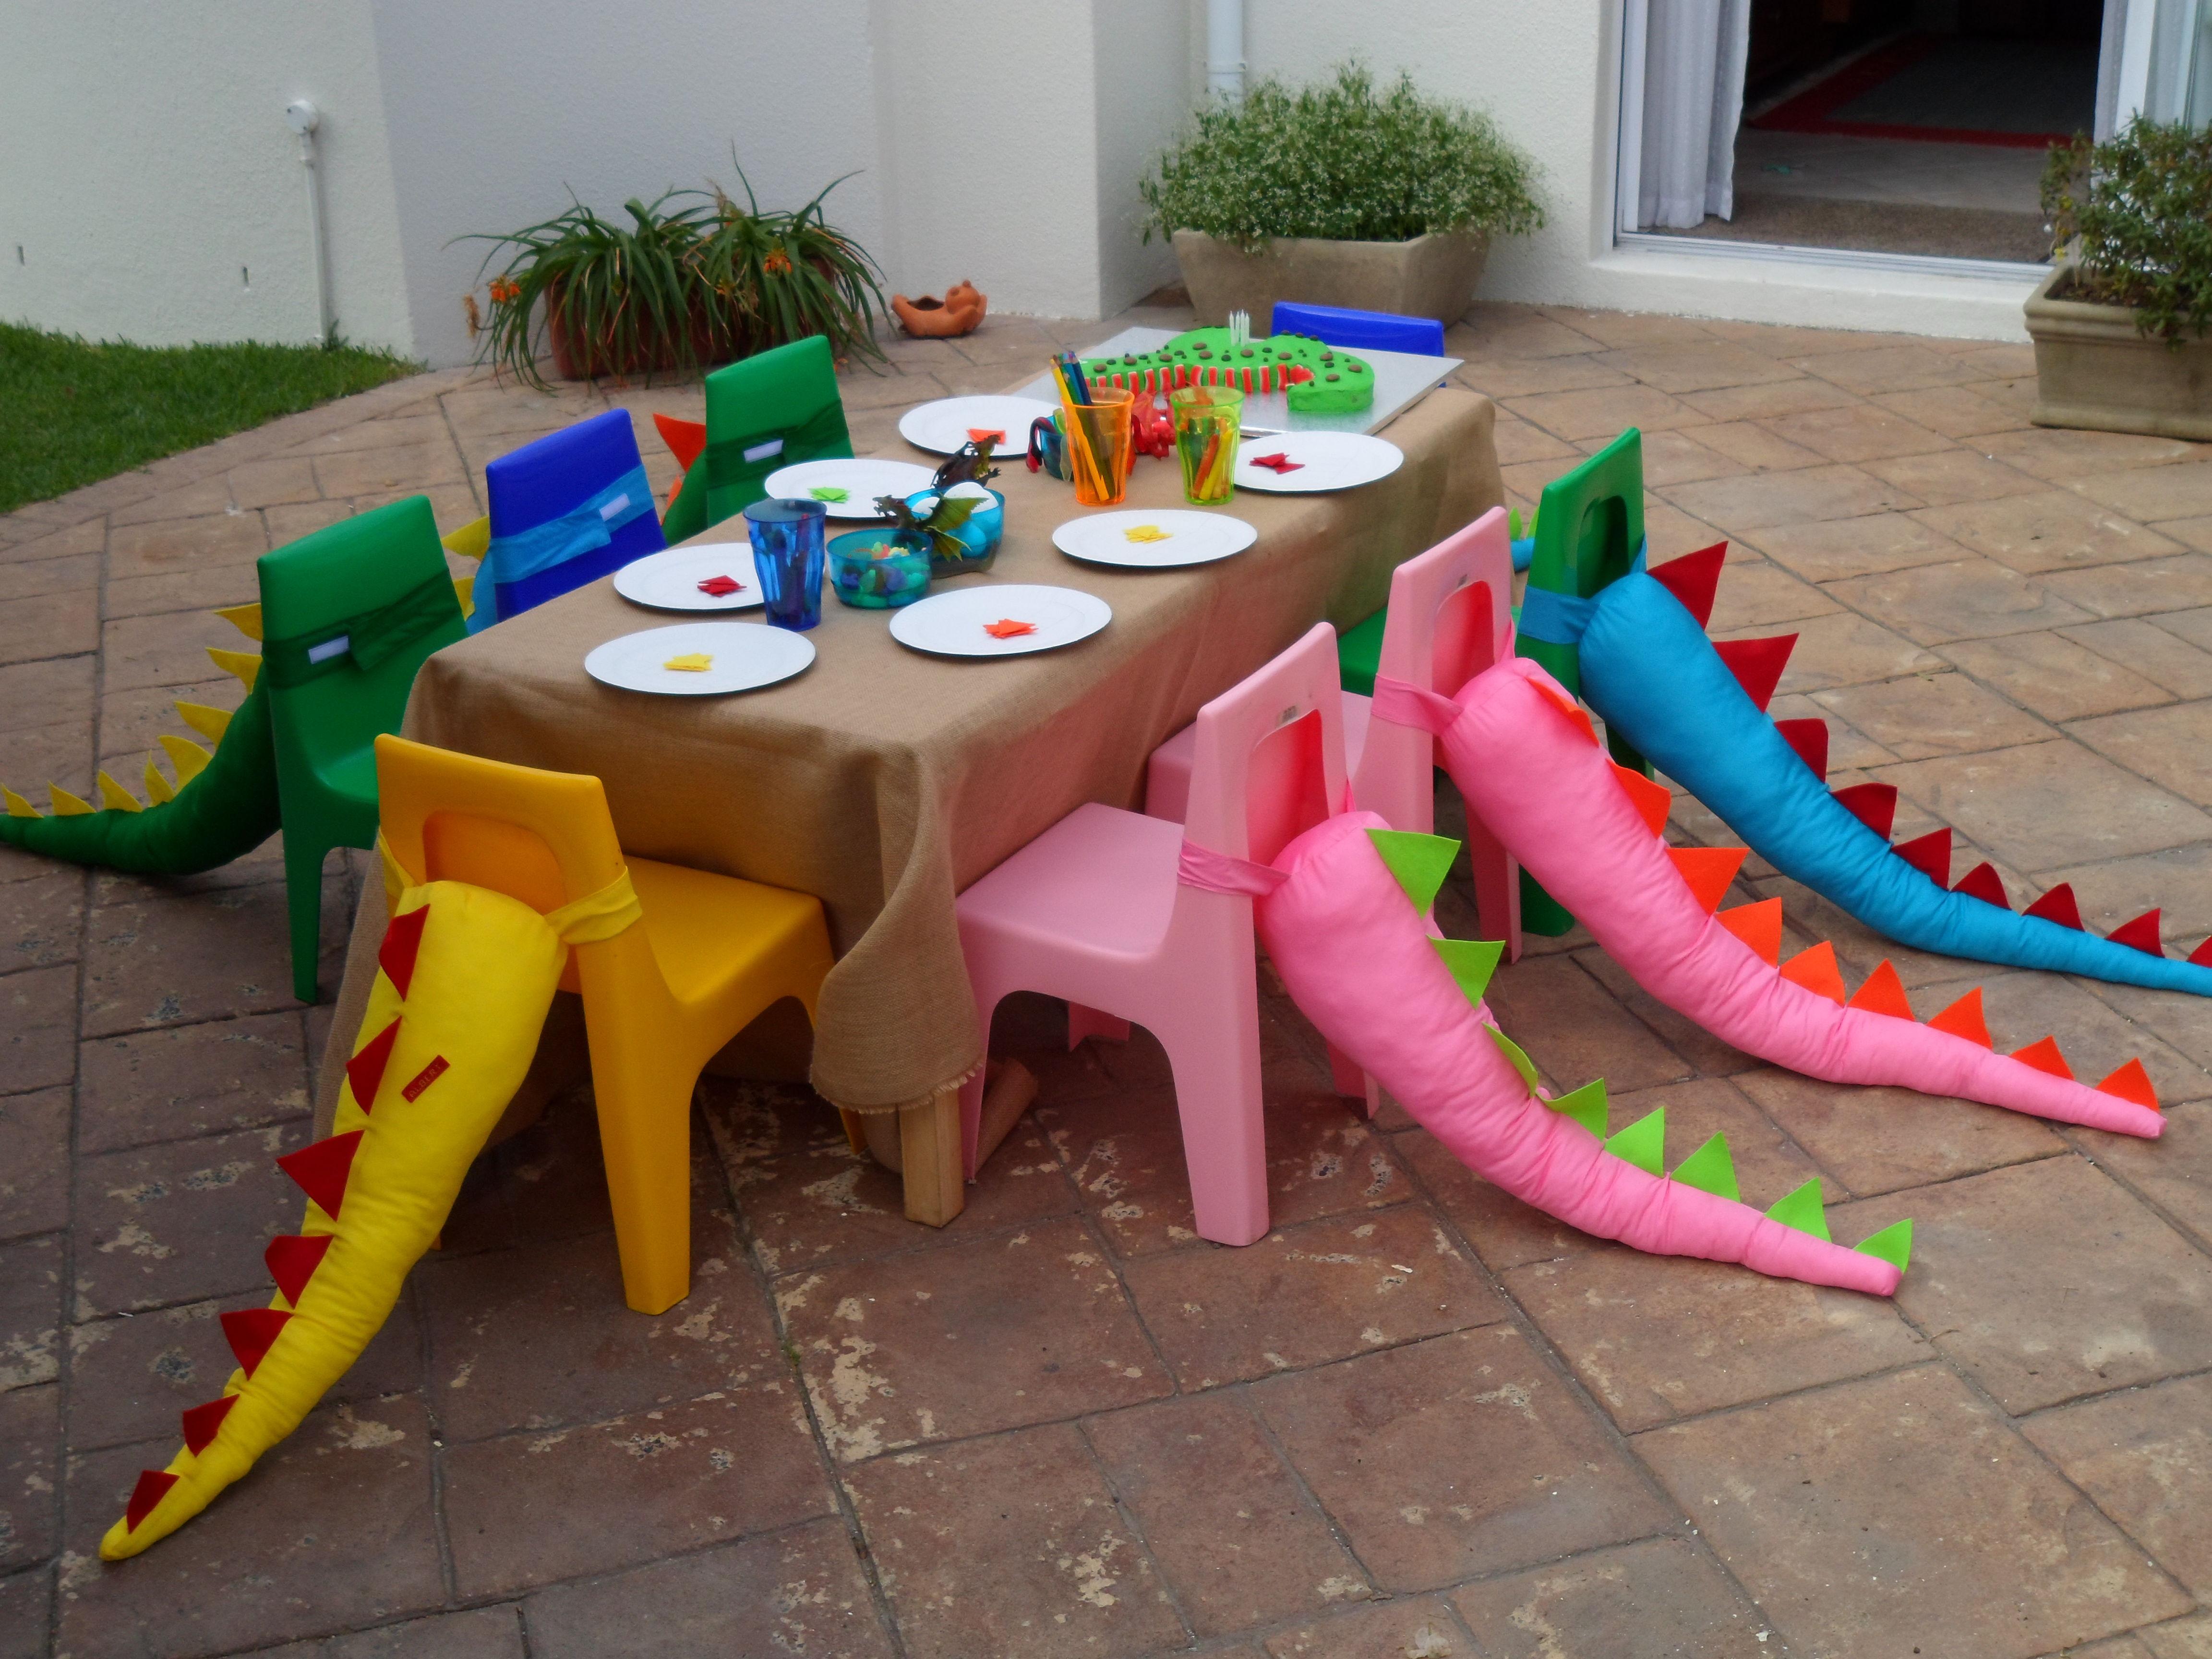 Dinosaur Chair | Portfolio - Jaime Sanchez